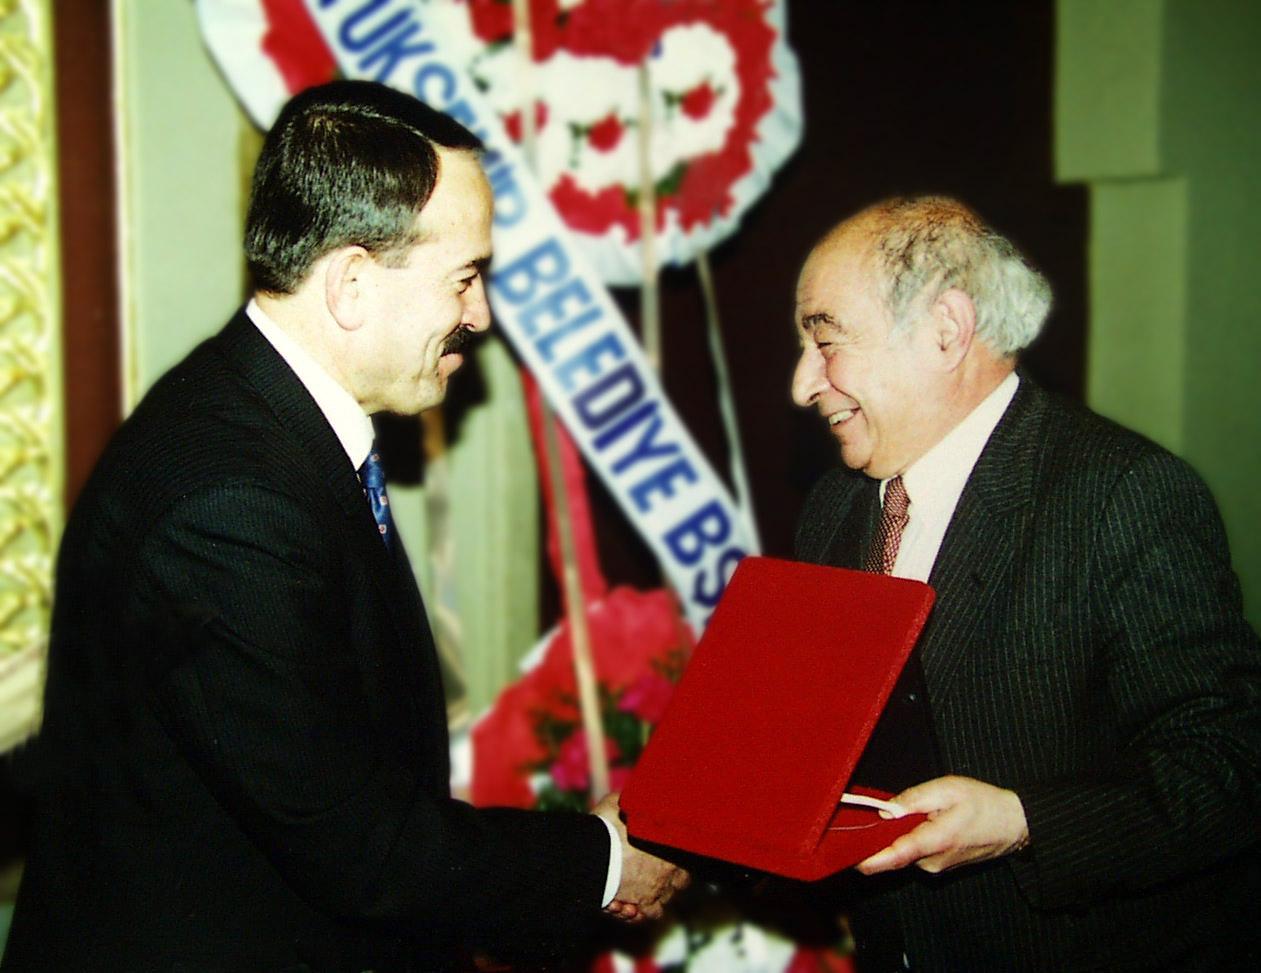 Metin And (derecha) con el investigador y erudito del teatro de títeres turco,Mevlüt Özhan. Fotografía cortesía de UNIMA Turquía (UNIMA Turkiye)